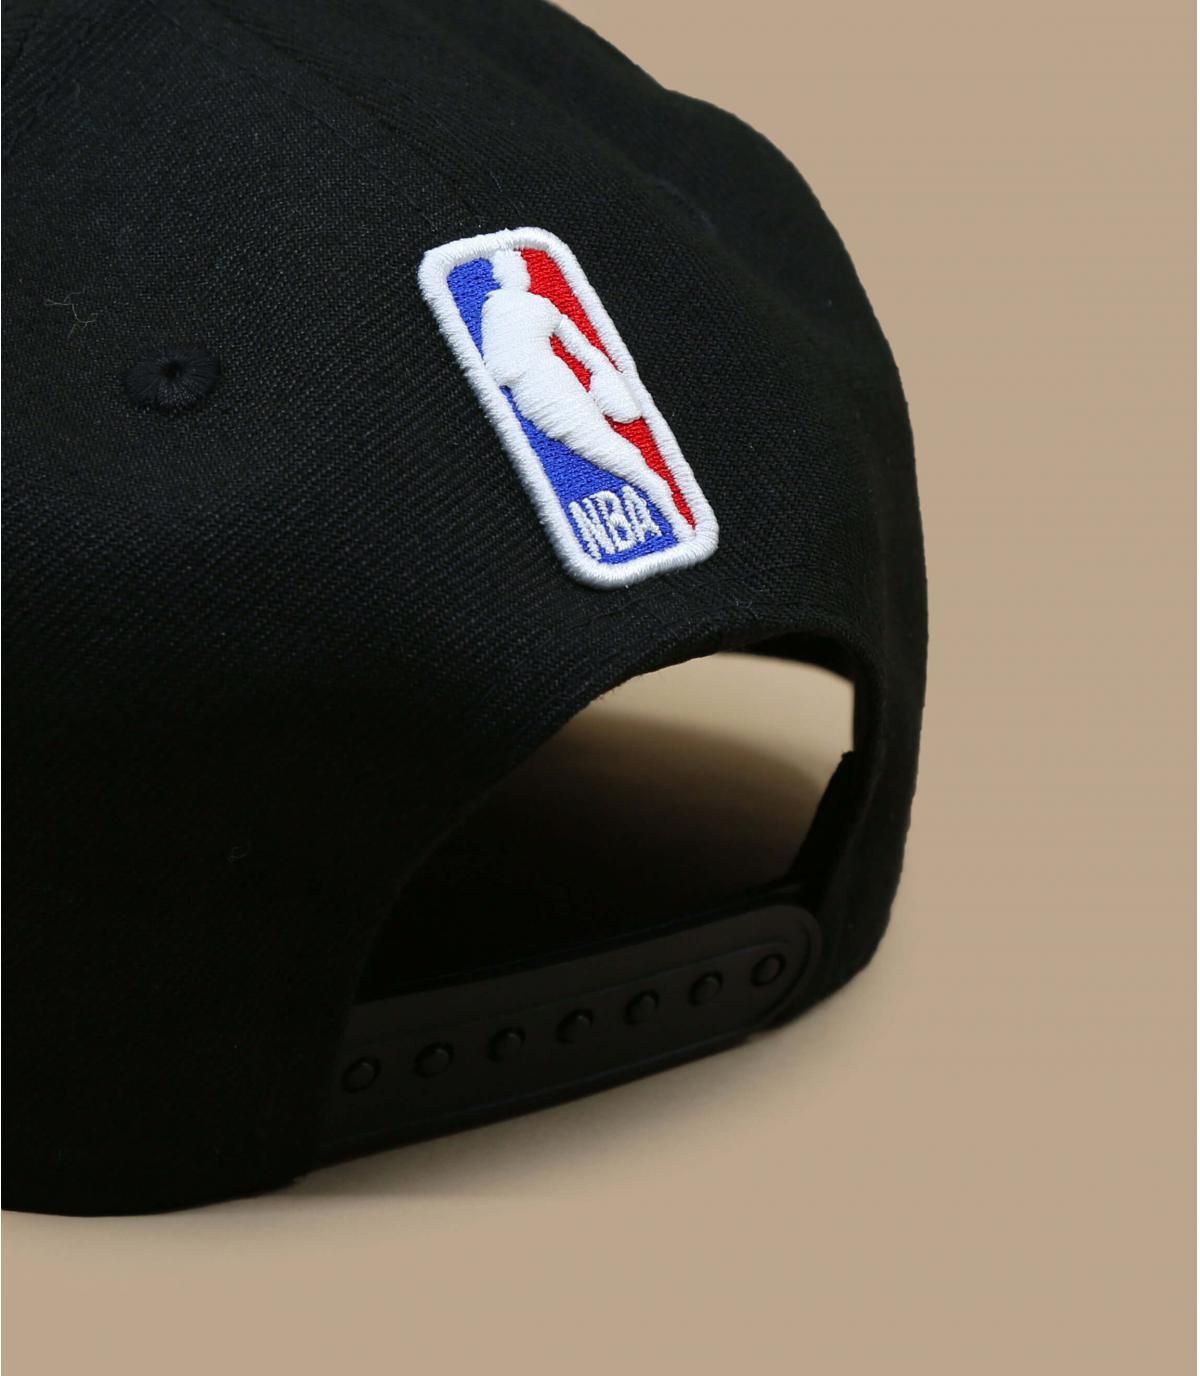 Détails NBA City Series 950 miami Heat - image 4